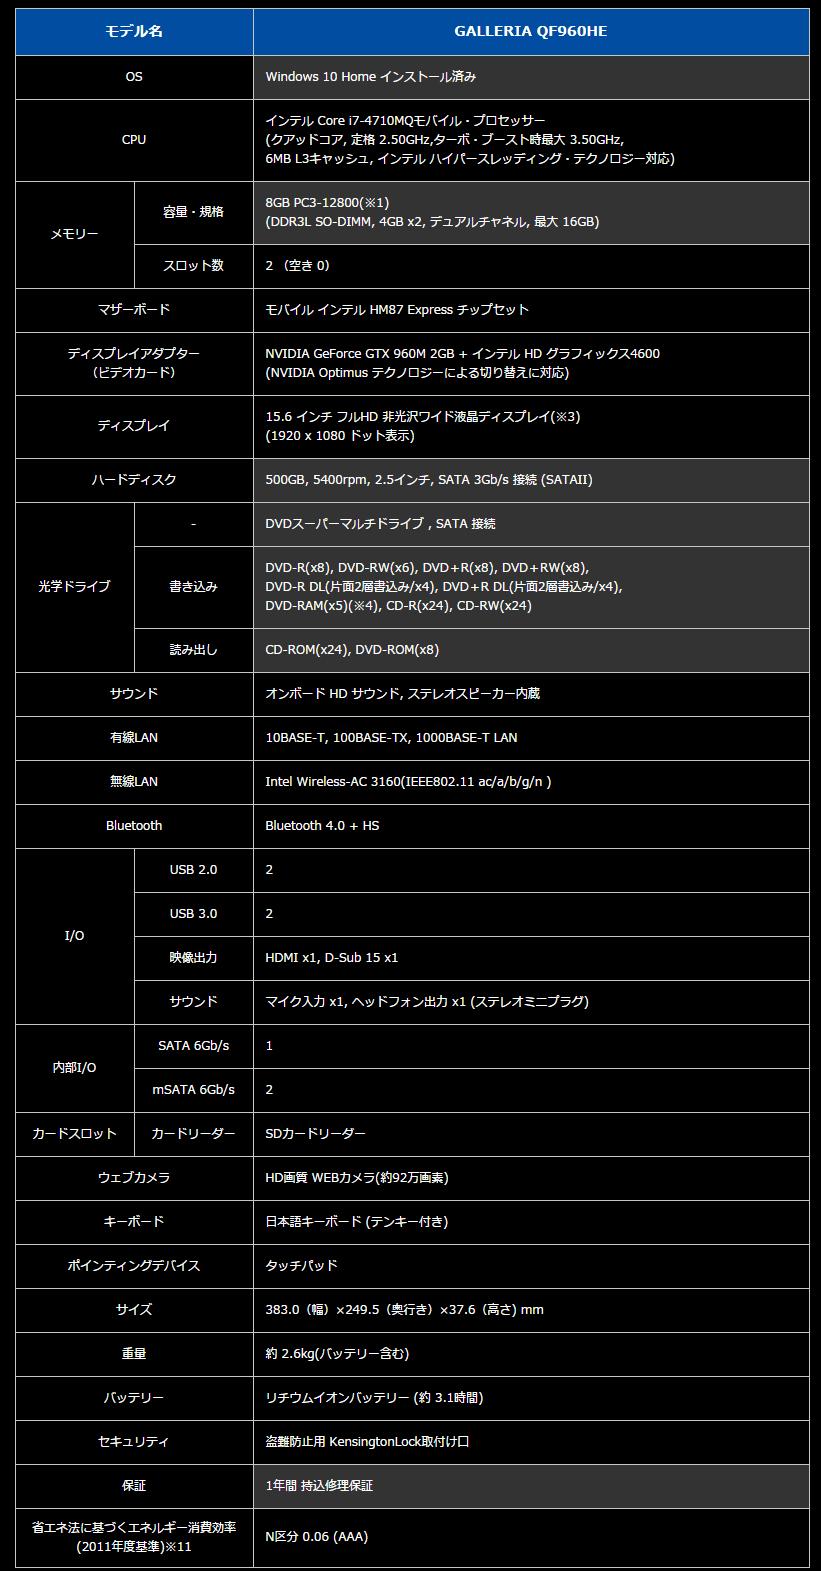 ドスパラ GALLERIA QF960HE スペック表